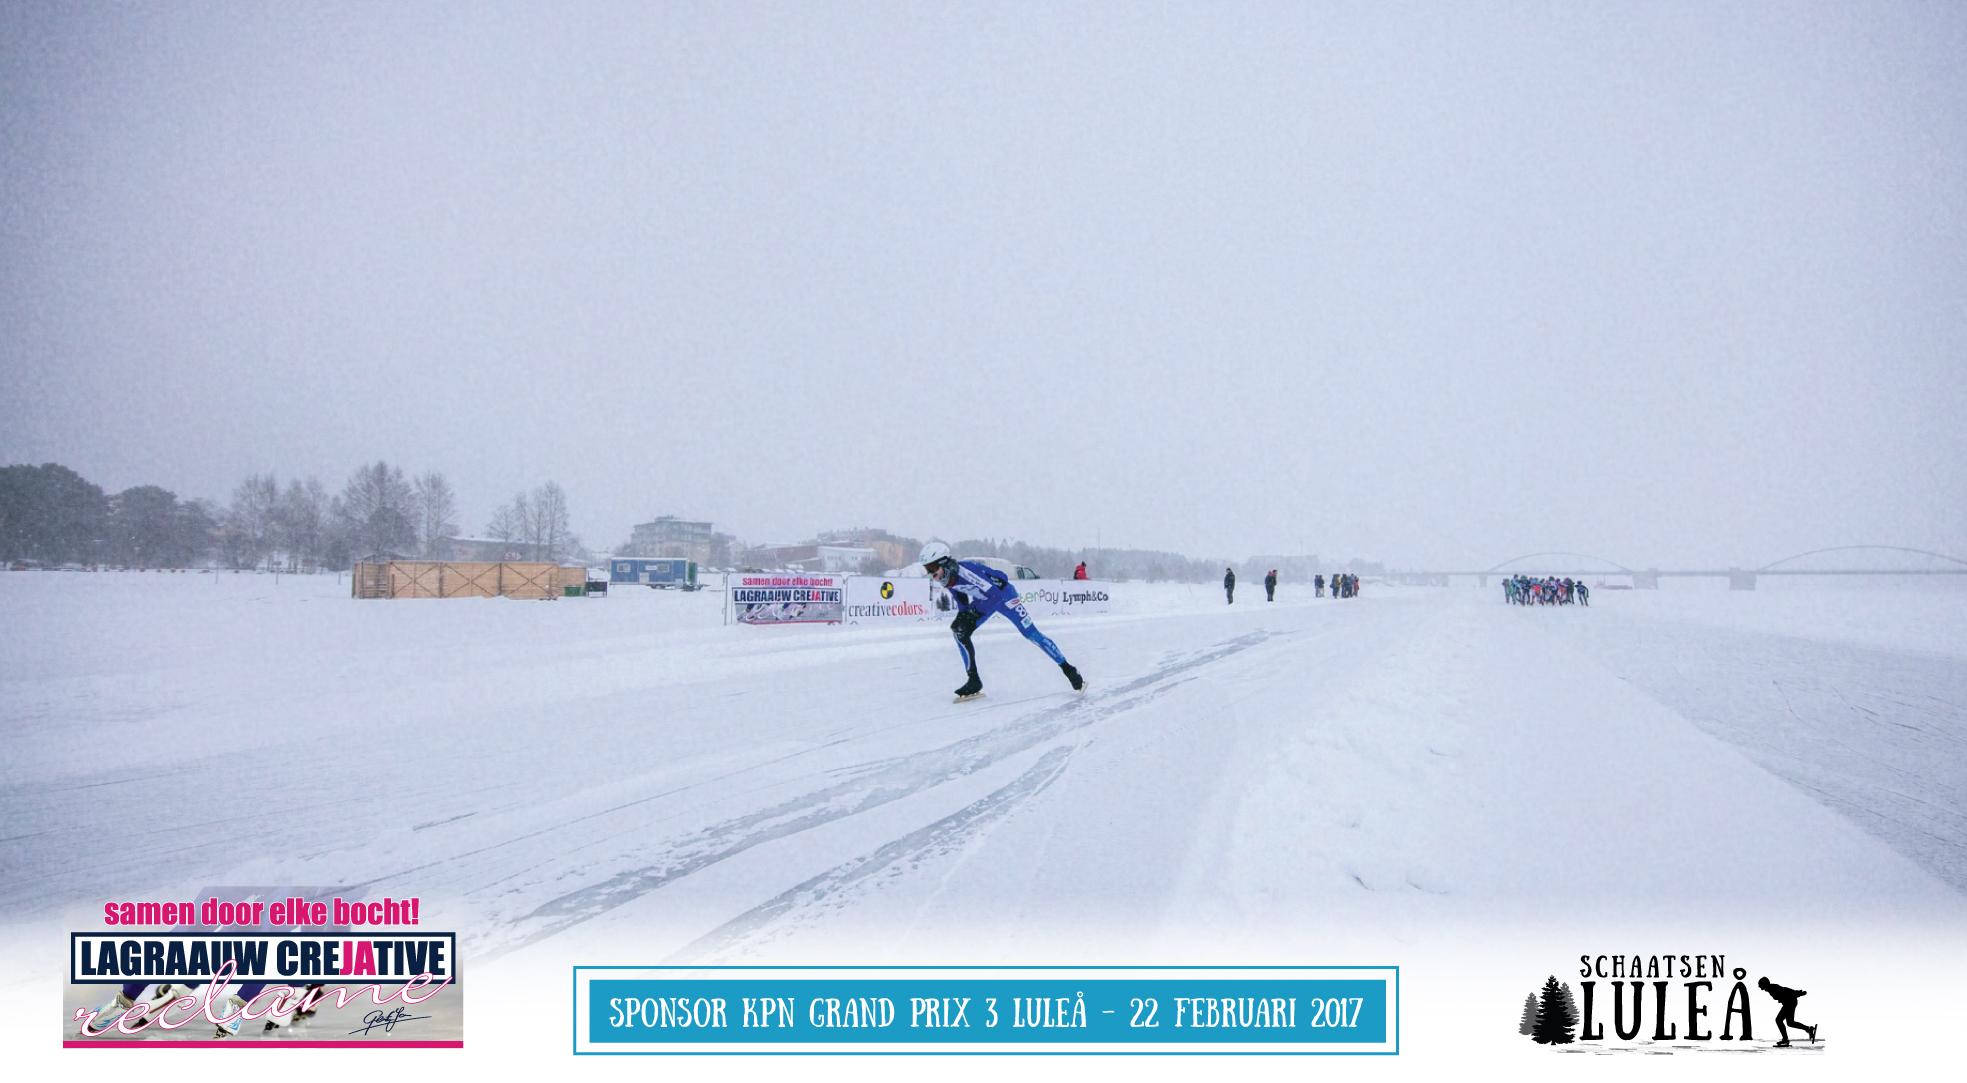 lagraauw-crejative-lulea-schaatsen-kpn-grand-prix-natuurijs